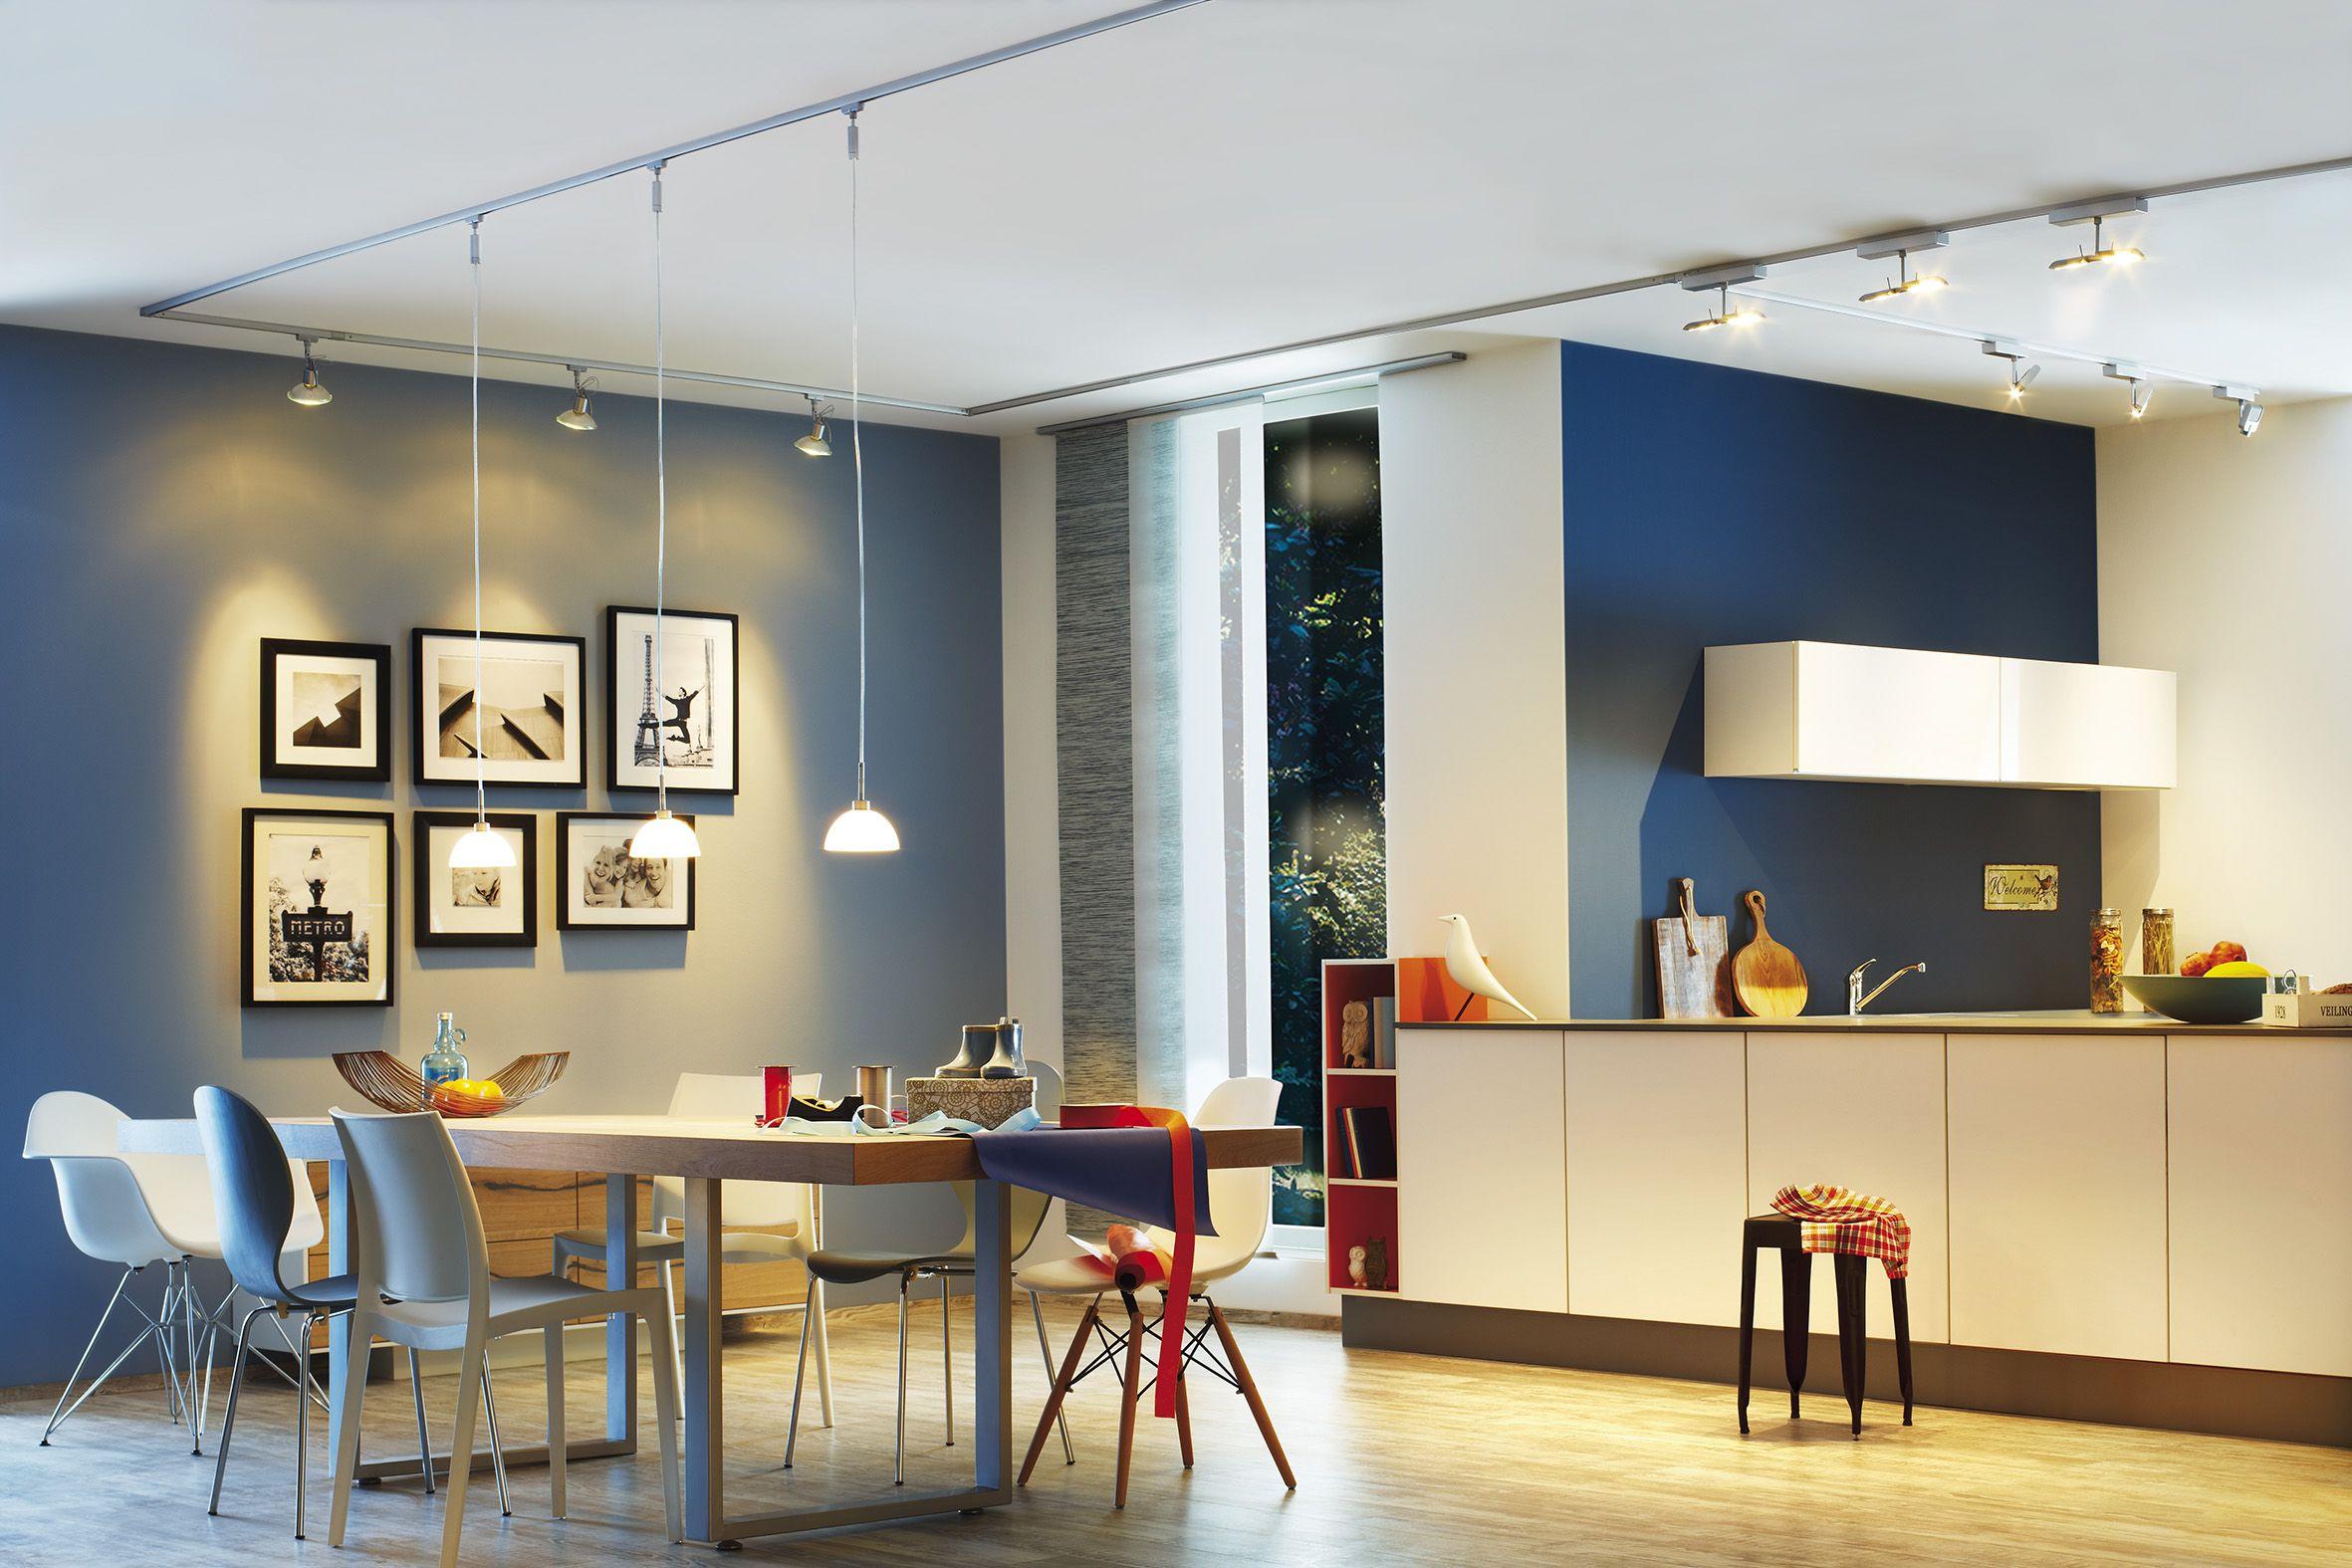 bildergebnis für beleuchtung küche ohne oberschränke